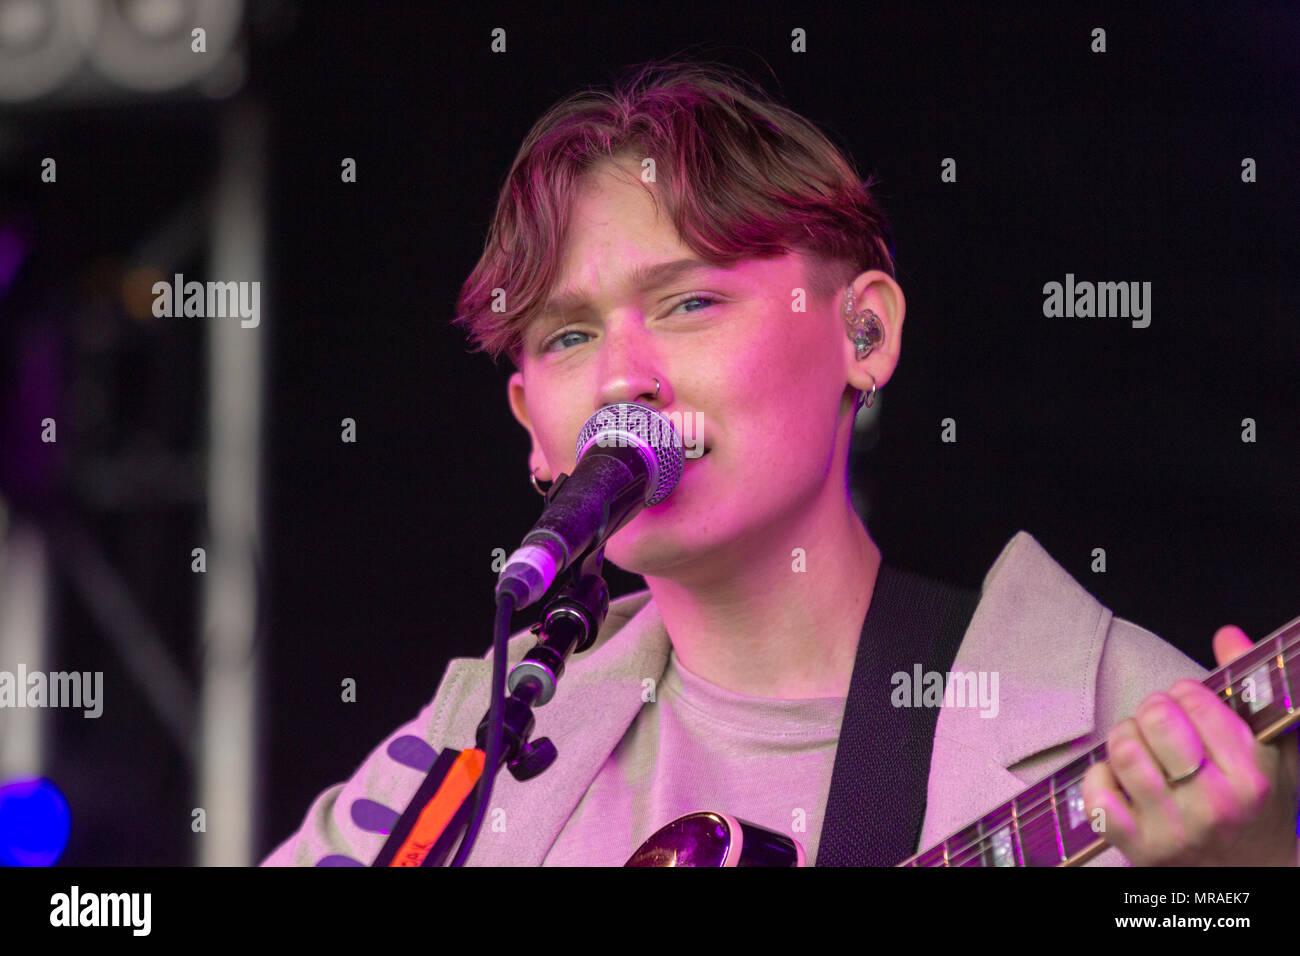 """Belfast, Reino Unido, 26 de mayo de 2018. Realizar en la BBC6 Music más grande de fin de semana en Belfast, Bridie Monds-Watson, mejor conocida por su nombre artístico empapar, es un cantautor irlandés nacido en Derry, en Irlanda del Norte, en 1996. Remoje la música ha sido descrito como """"un retrato vívido de los adolescentes pensamiento profundo"""" por el tutor. Crédito: Darron Mark/Alamy Live News Imagen De Stock"""